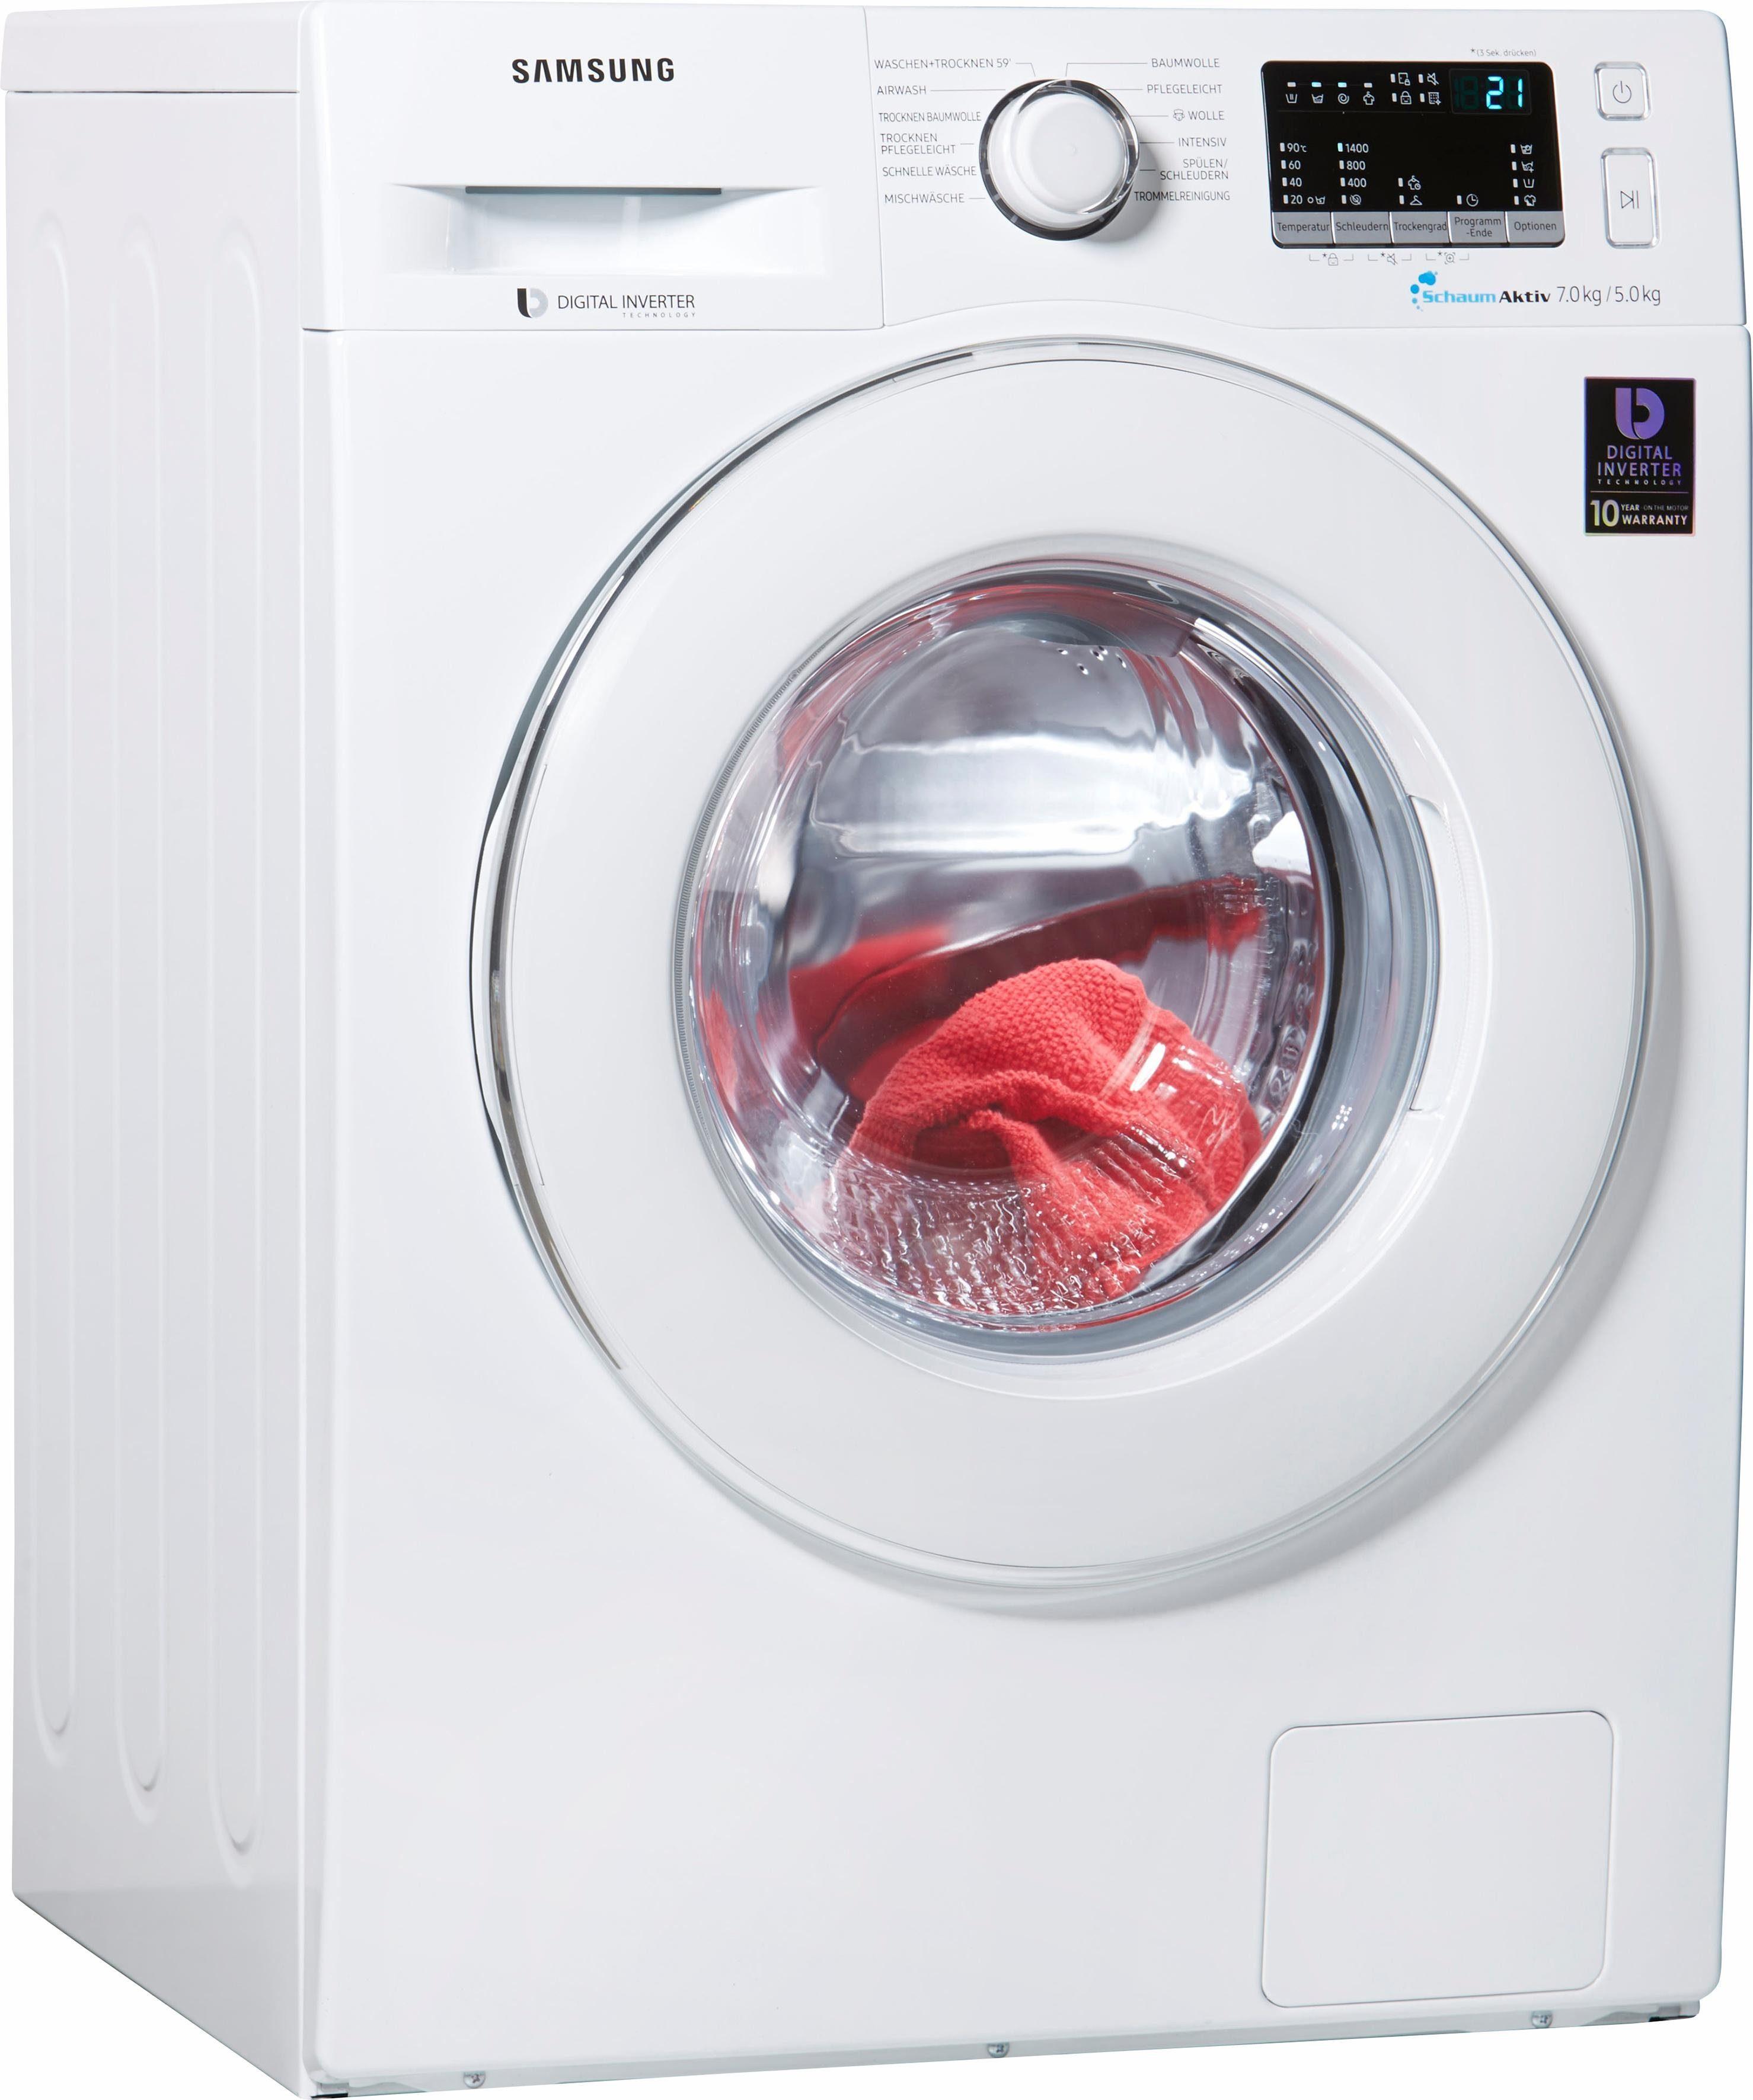 Samsung Waschtrockner WD 4000 WD70M4433IW/EG, 7 kg/5 kg, 1400 U/Min, mit SchaumAktiv